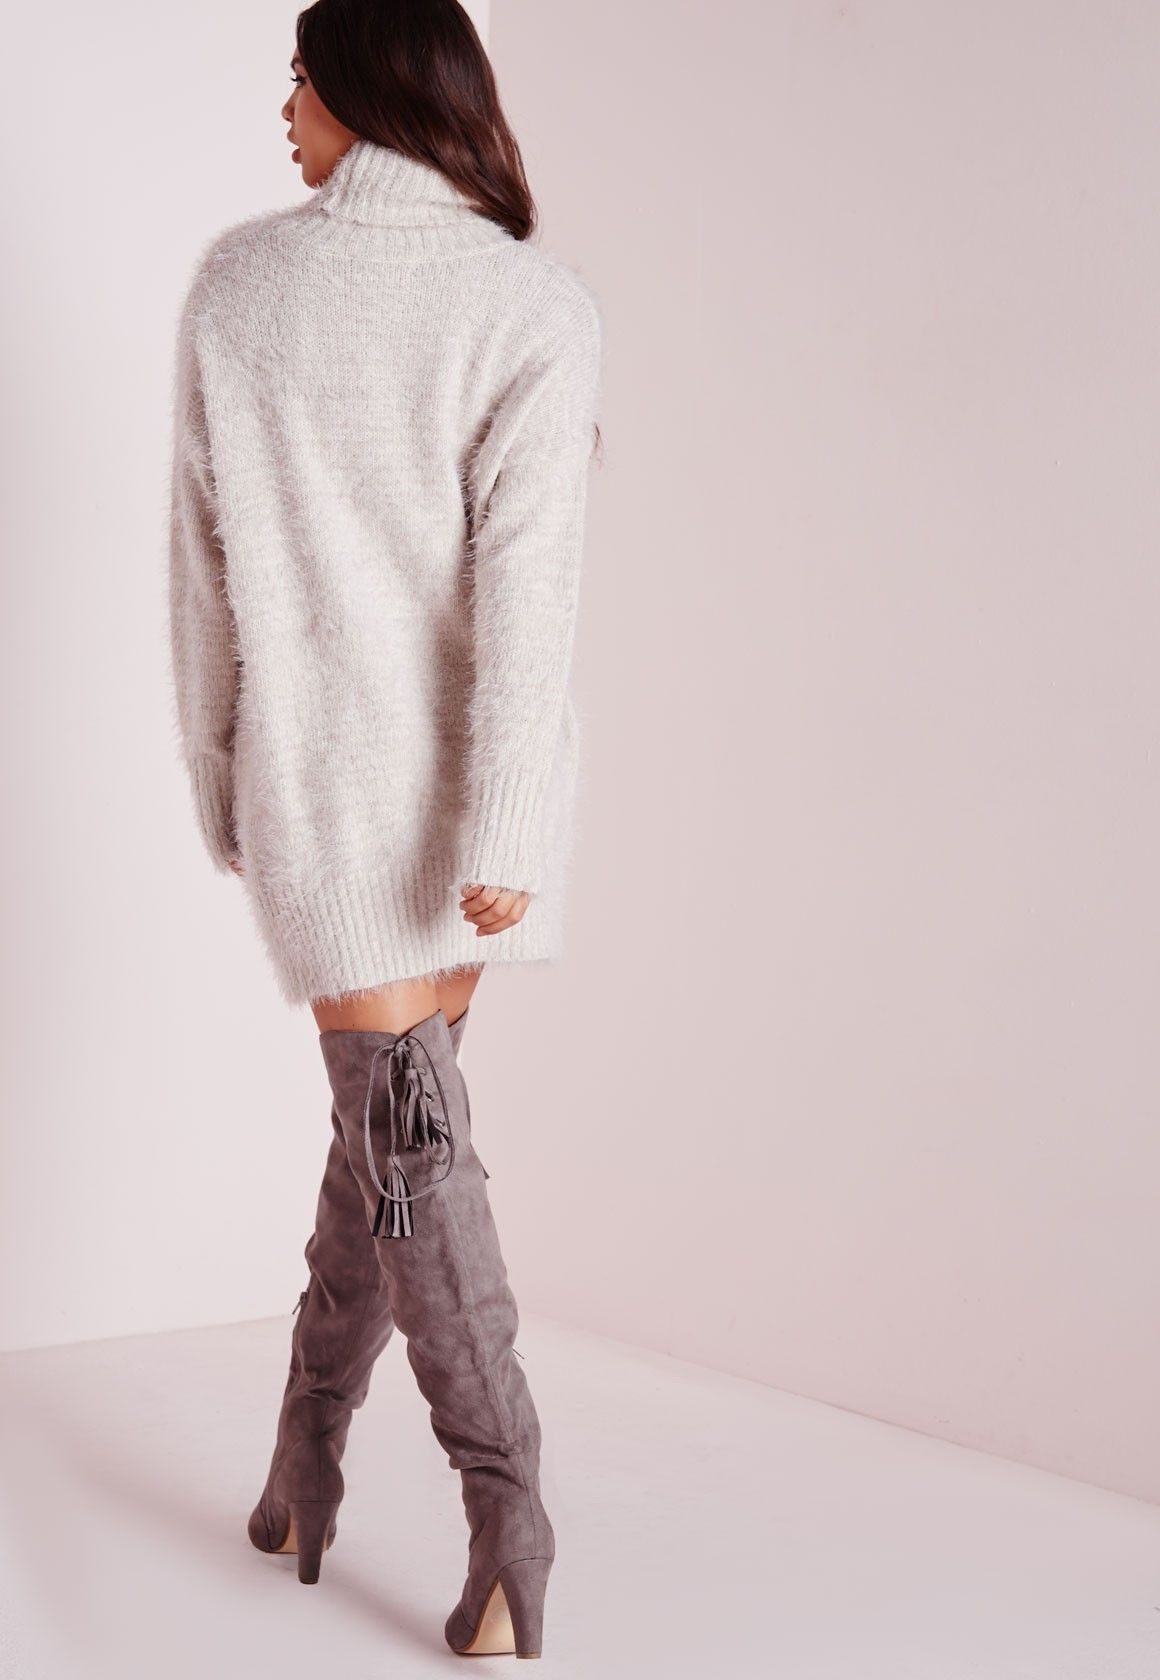 b82488556e0 Missguided - Robe-pull en laine poilue grise col roulé